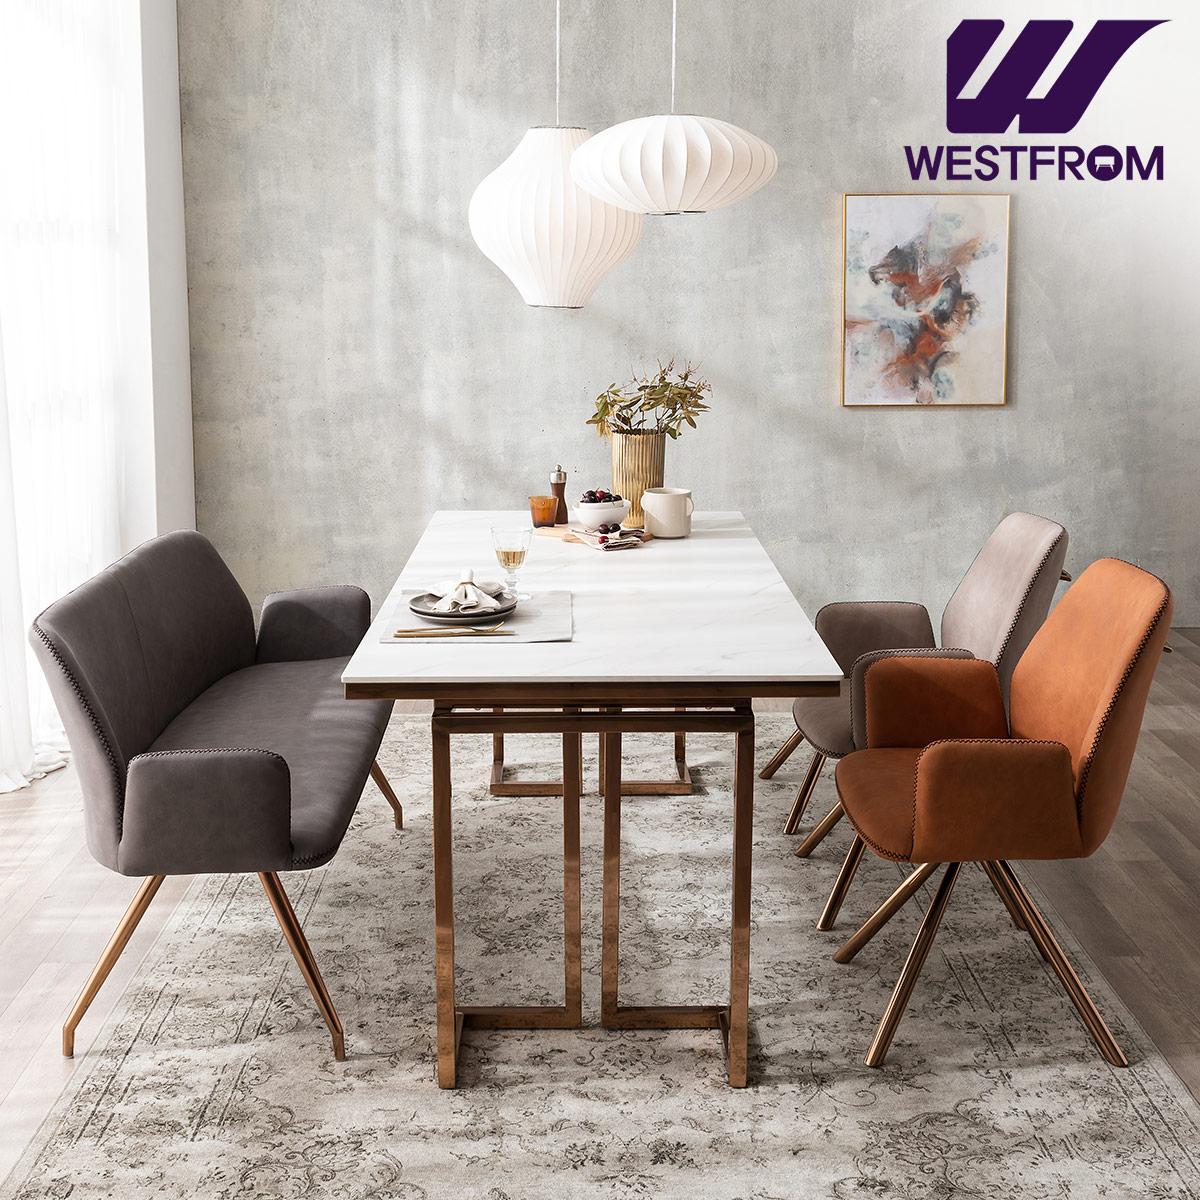 [웨스트프롬] 르노블 4인 포세린 세라믹 식탁 + 의자 2개, 벤치 1개